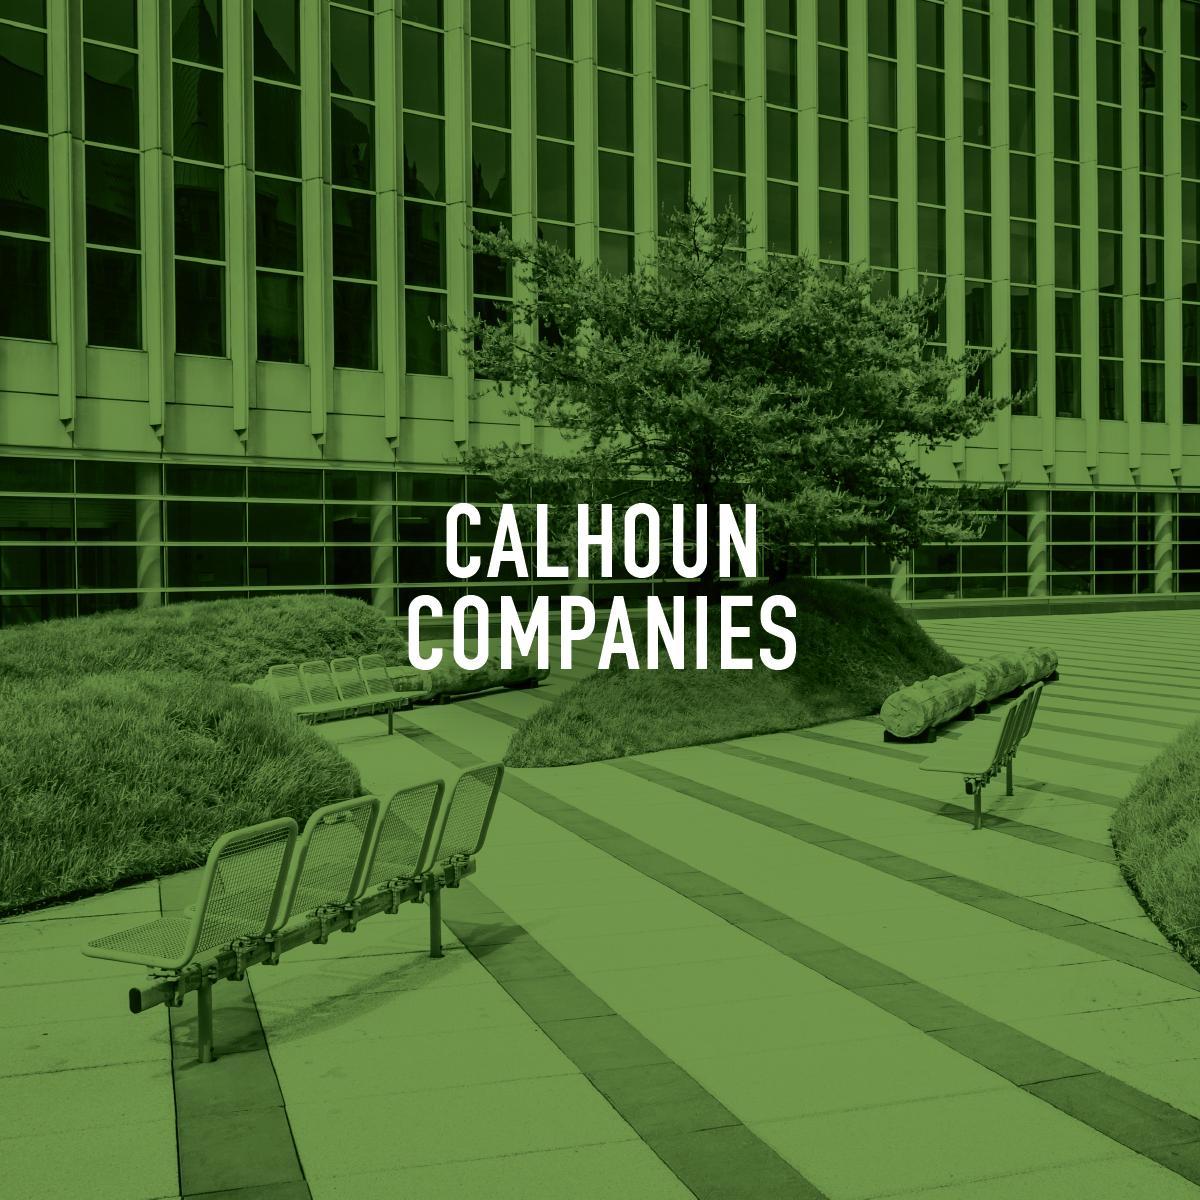 Calhoun Companies Business Media Relations